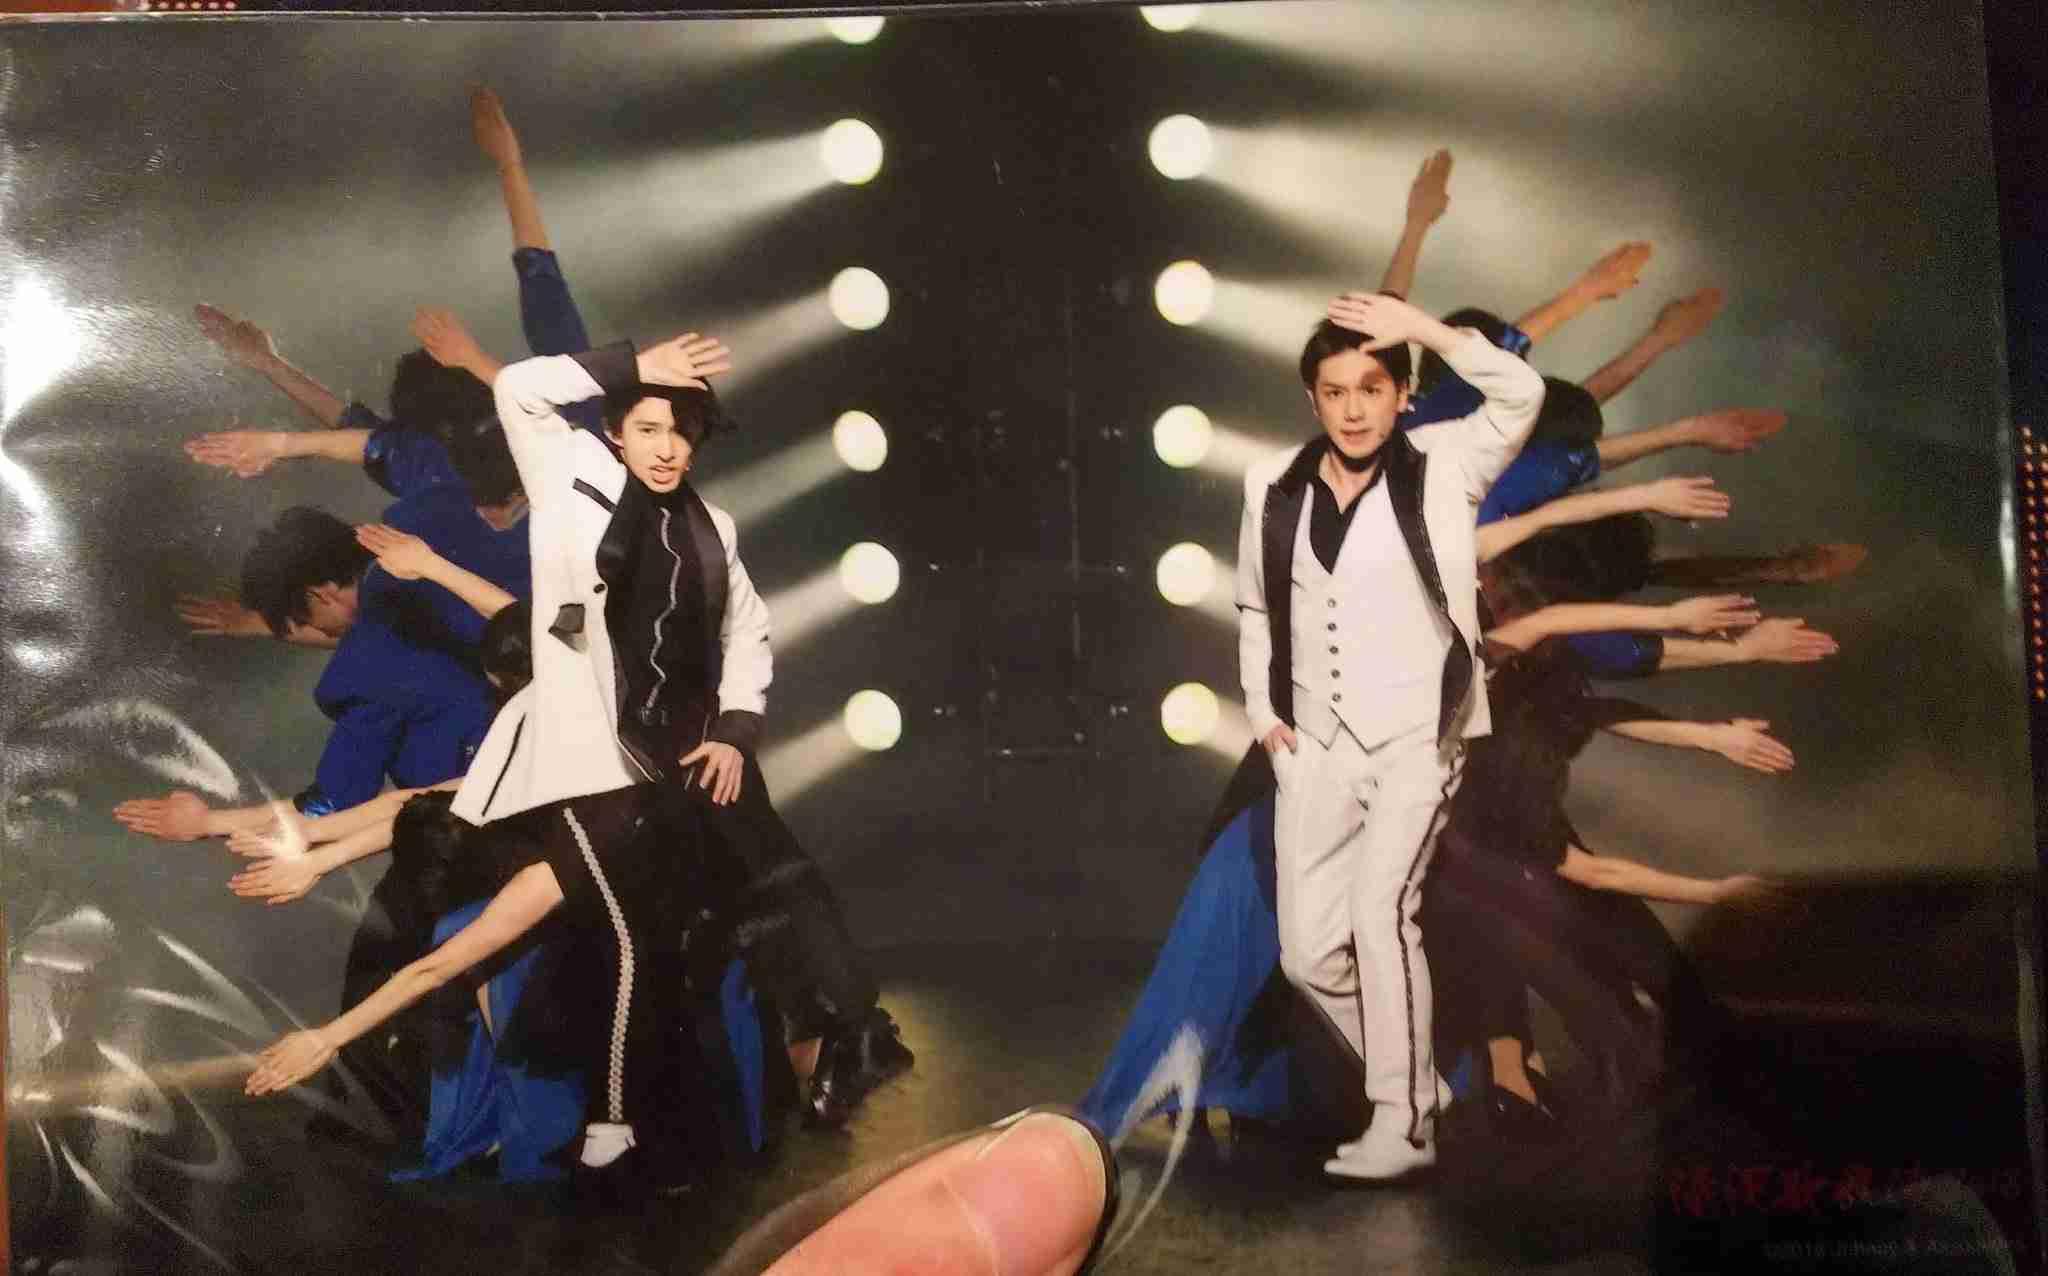 三宅健&滝沢秀明の新ユニット「KEN☆Tackey」 7・18「逆転ラバーズ」でCDデビュー